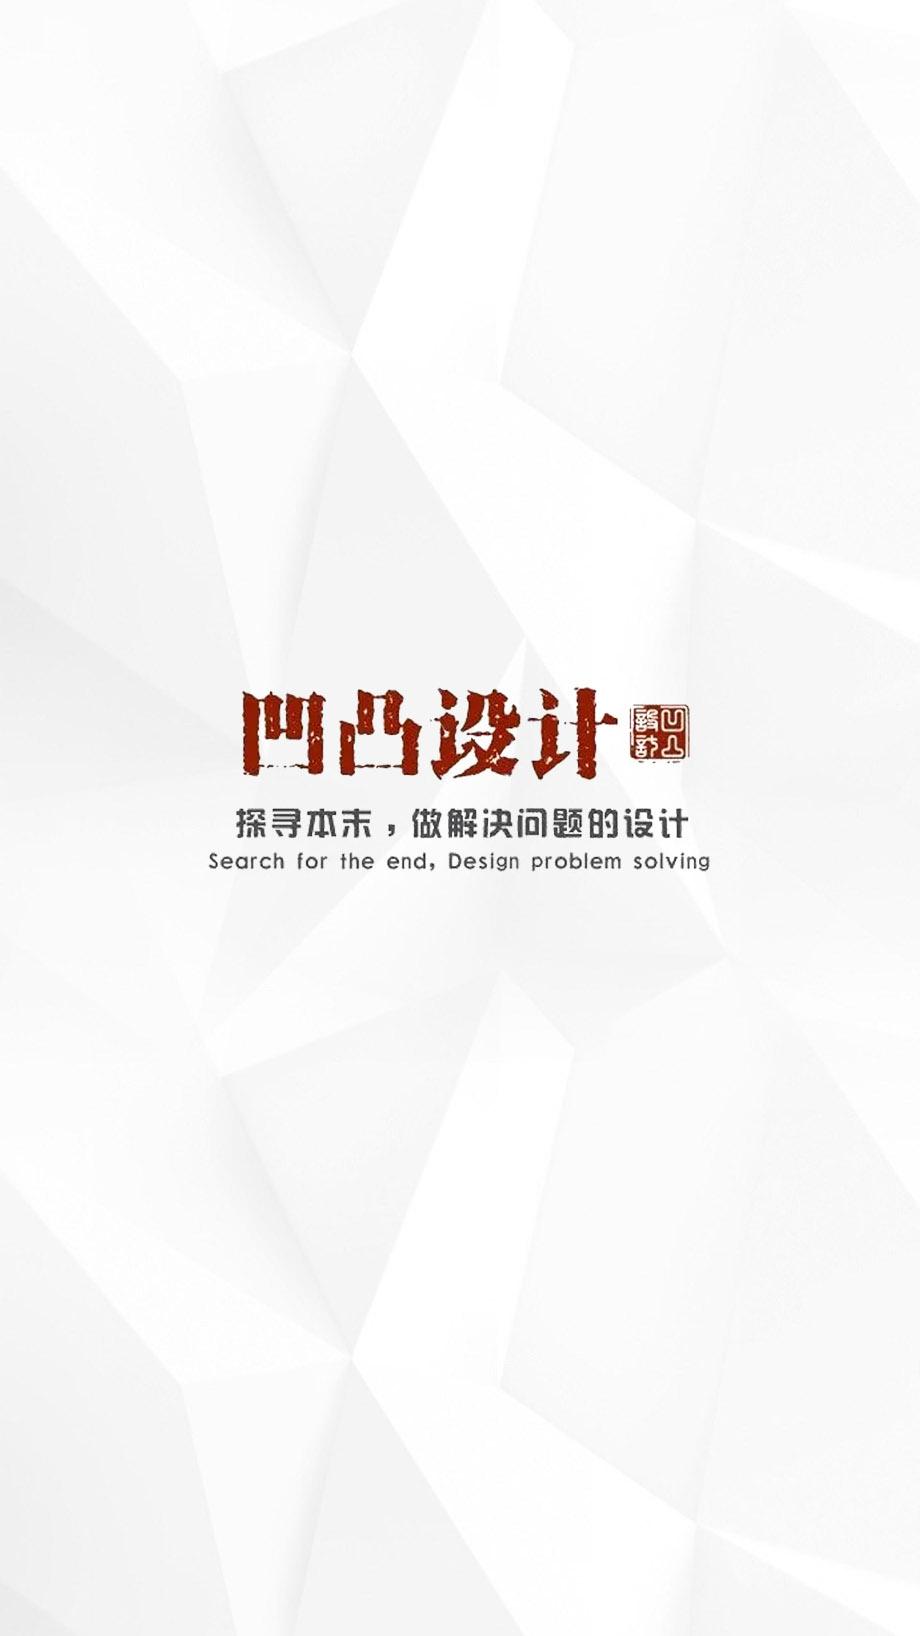 凹凸民宿酒店设计公司